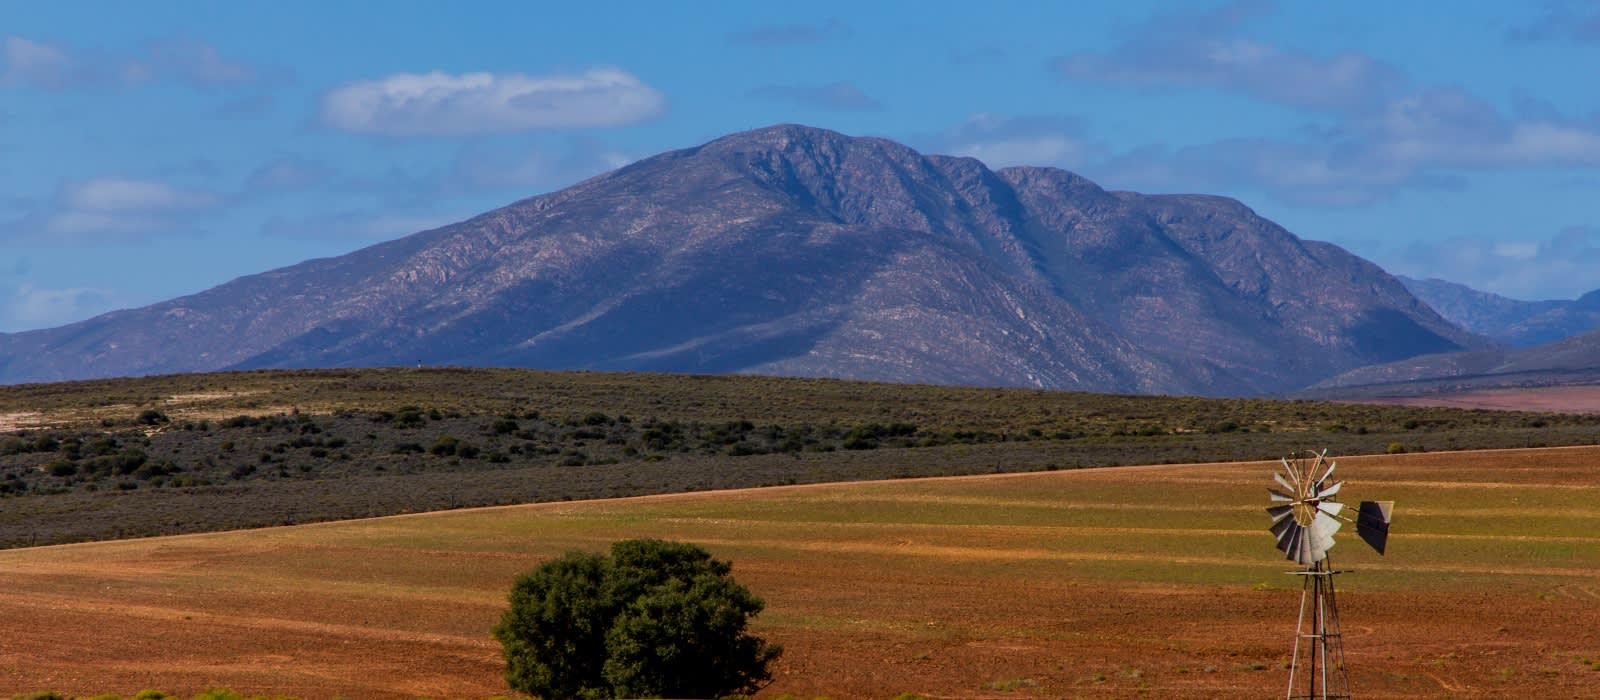 Landschaft von Karo in Südafrika